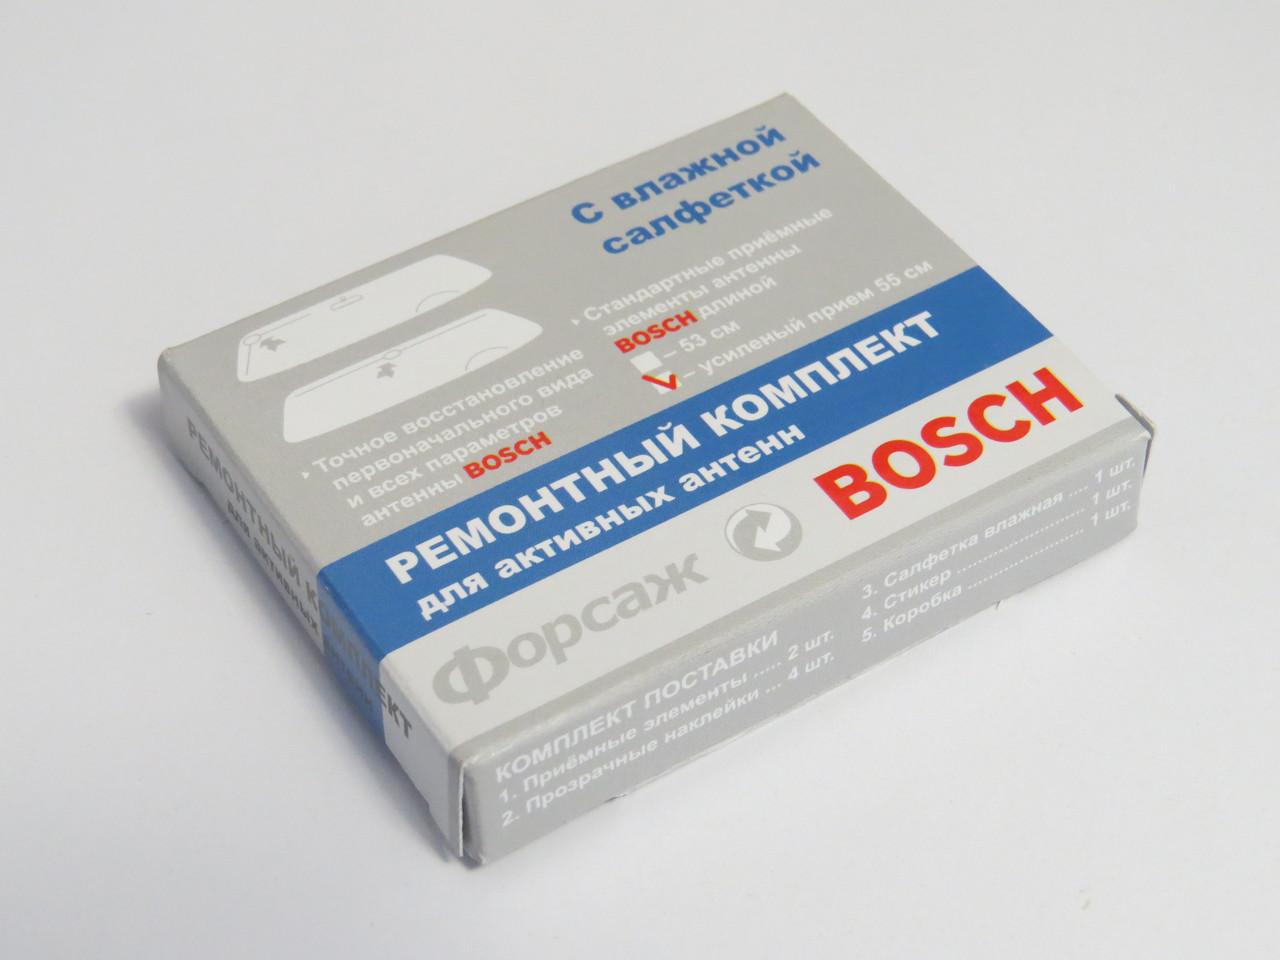 Ремкомплект усов для автомобильных антенн Орион Меридиан Bosch Delta ФОРСАЖ